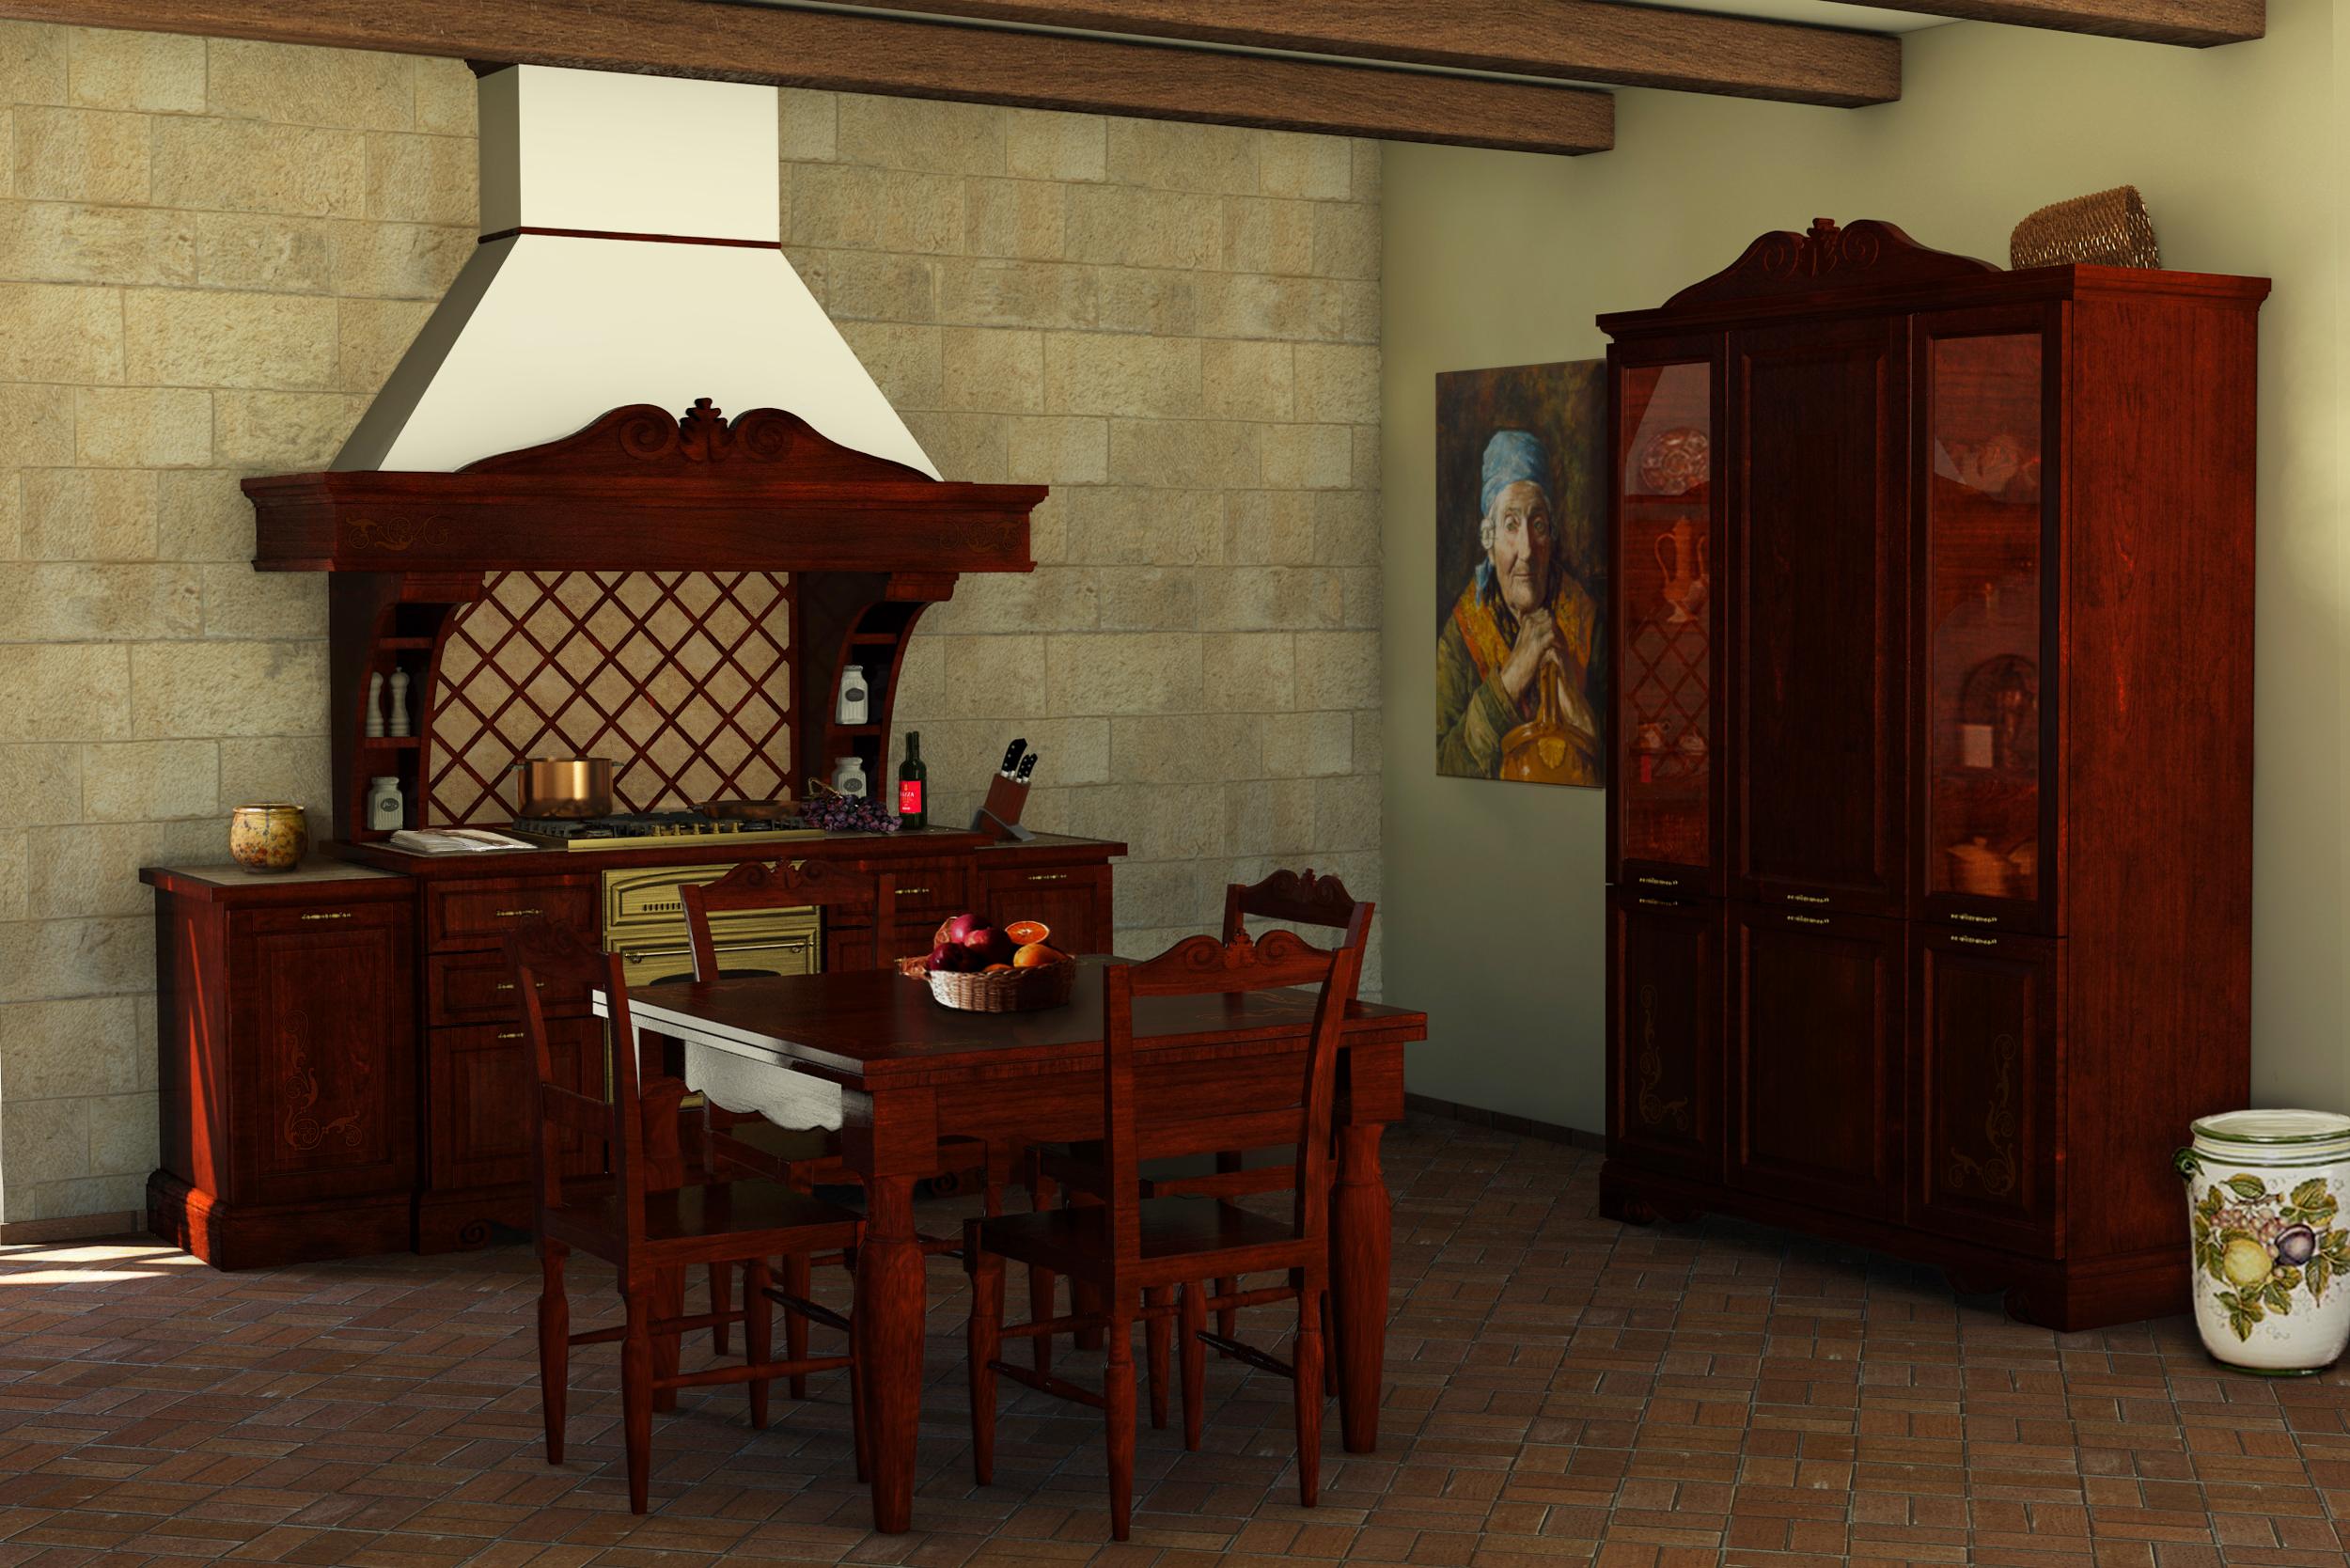 Cucine della nonna cucine classiche in legno massello for Cucine classiche